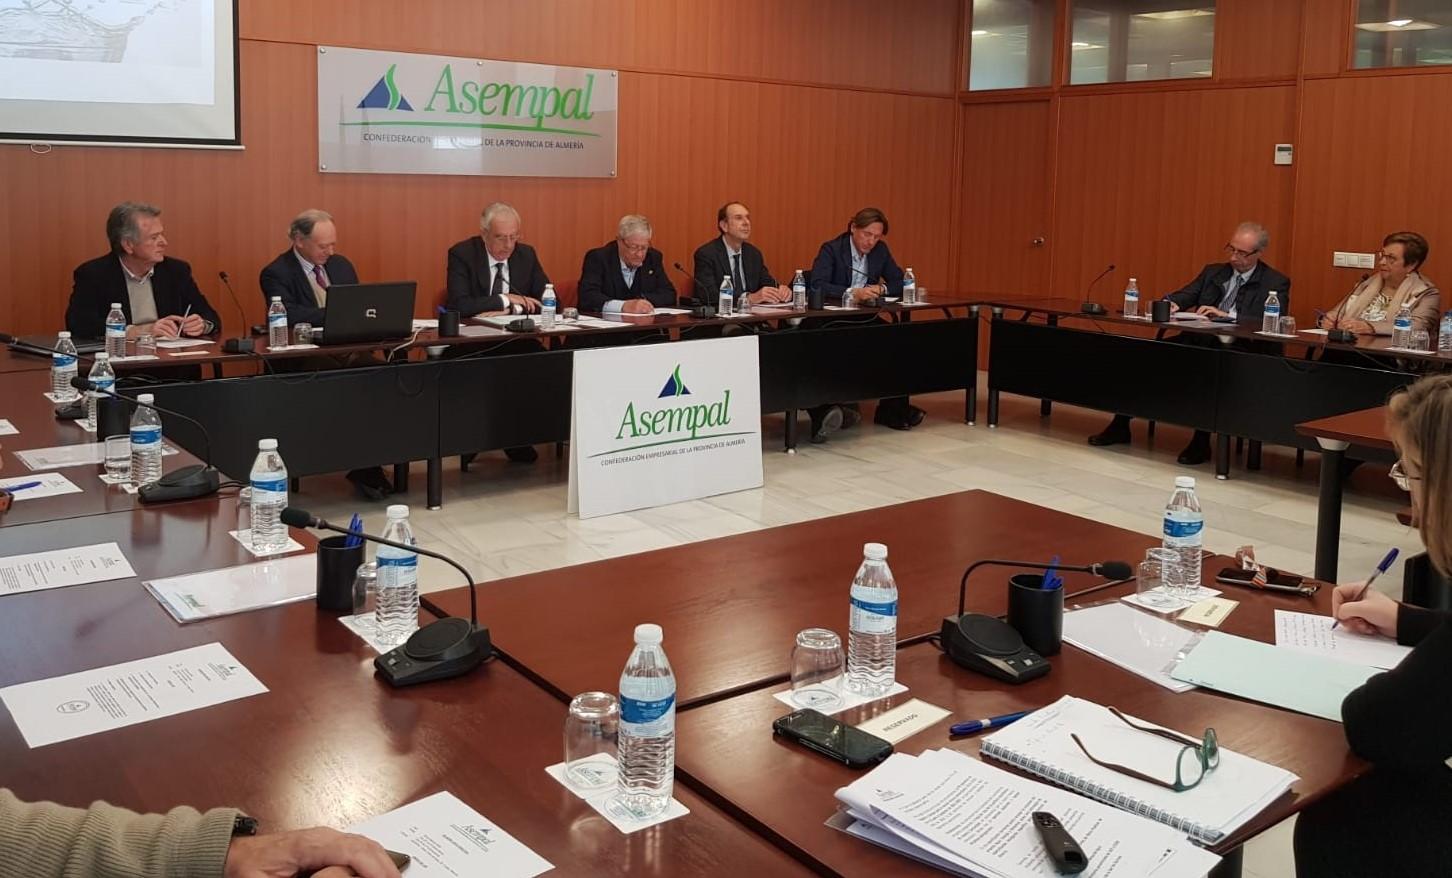 Comunicado de ASEMPAL ante las medidas laborales aprobadas hoy en el Consejo de Ministros